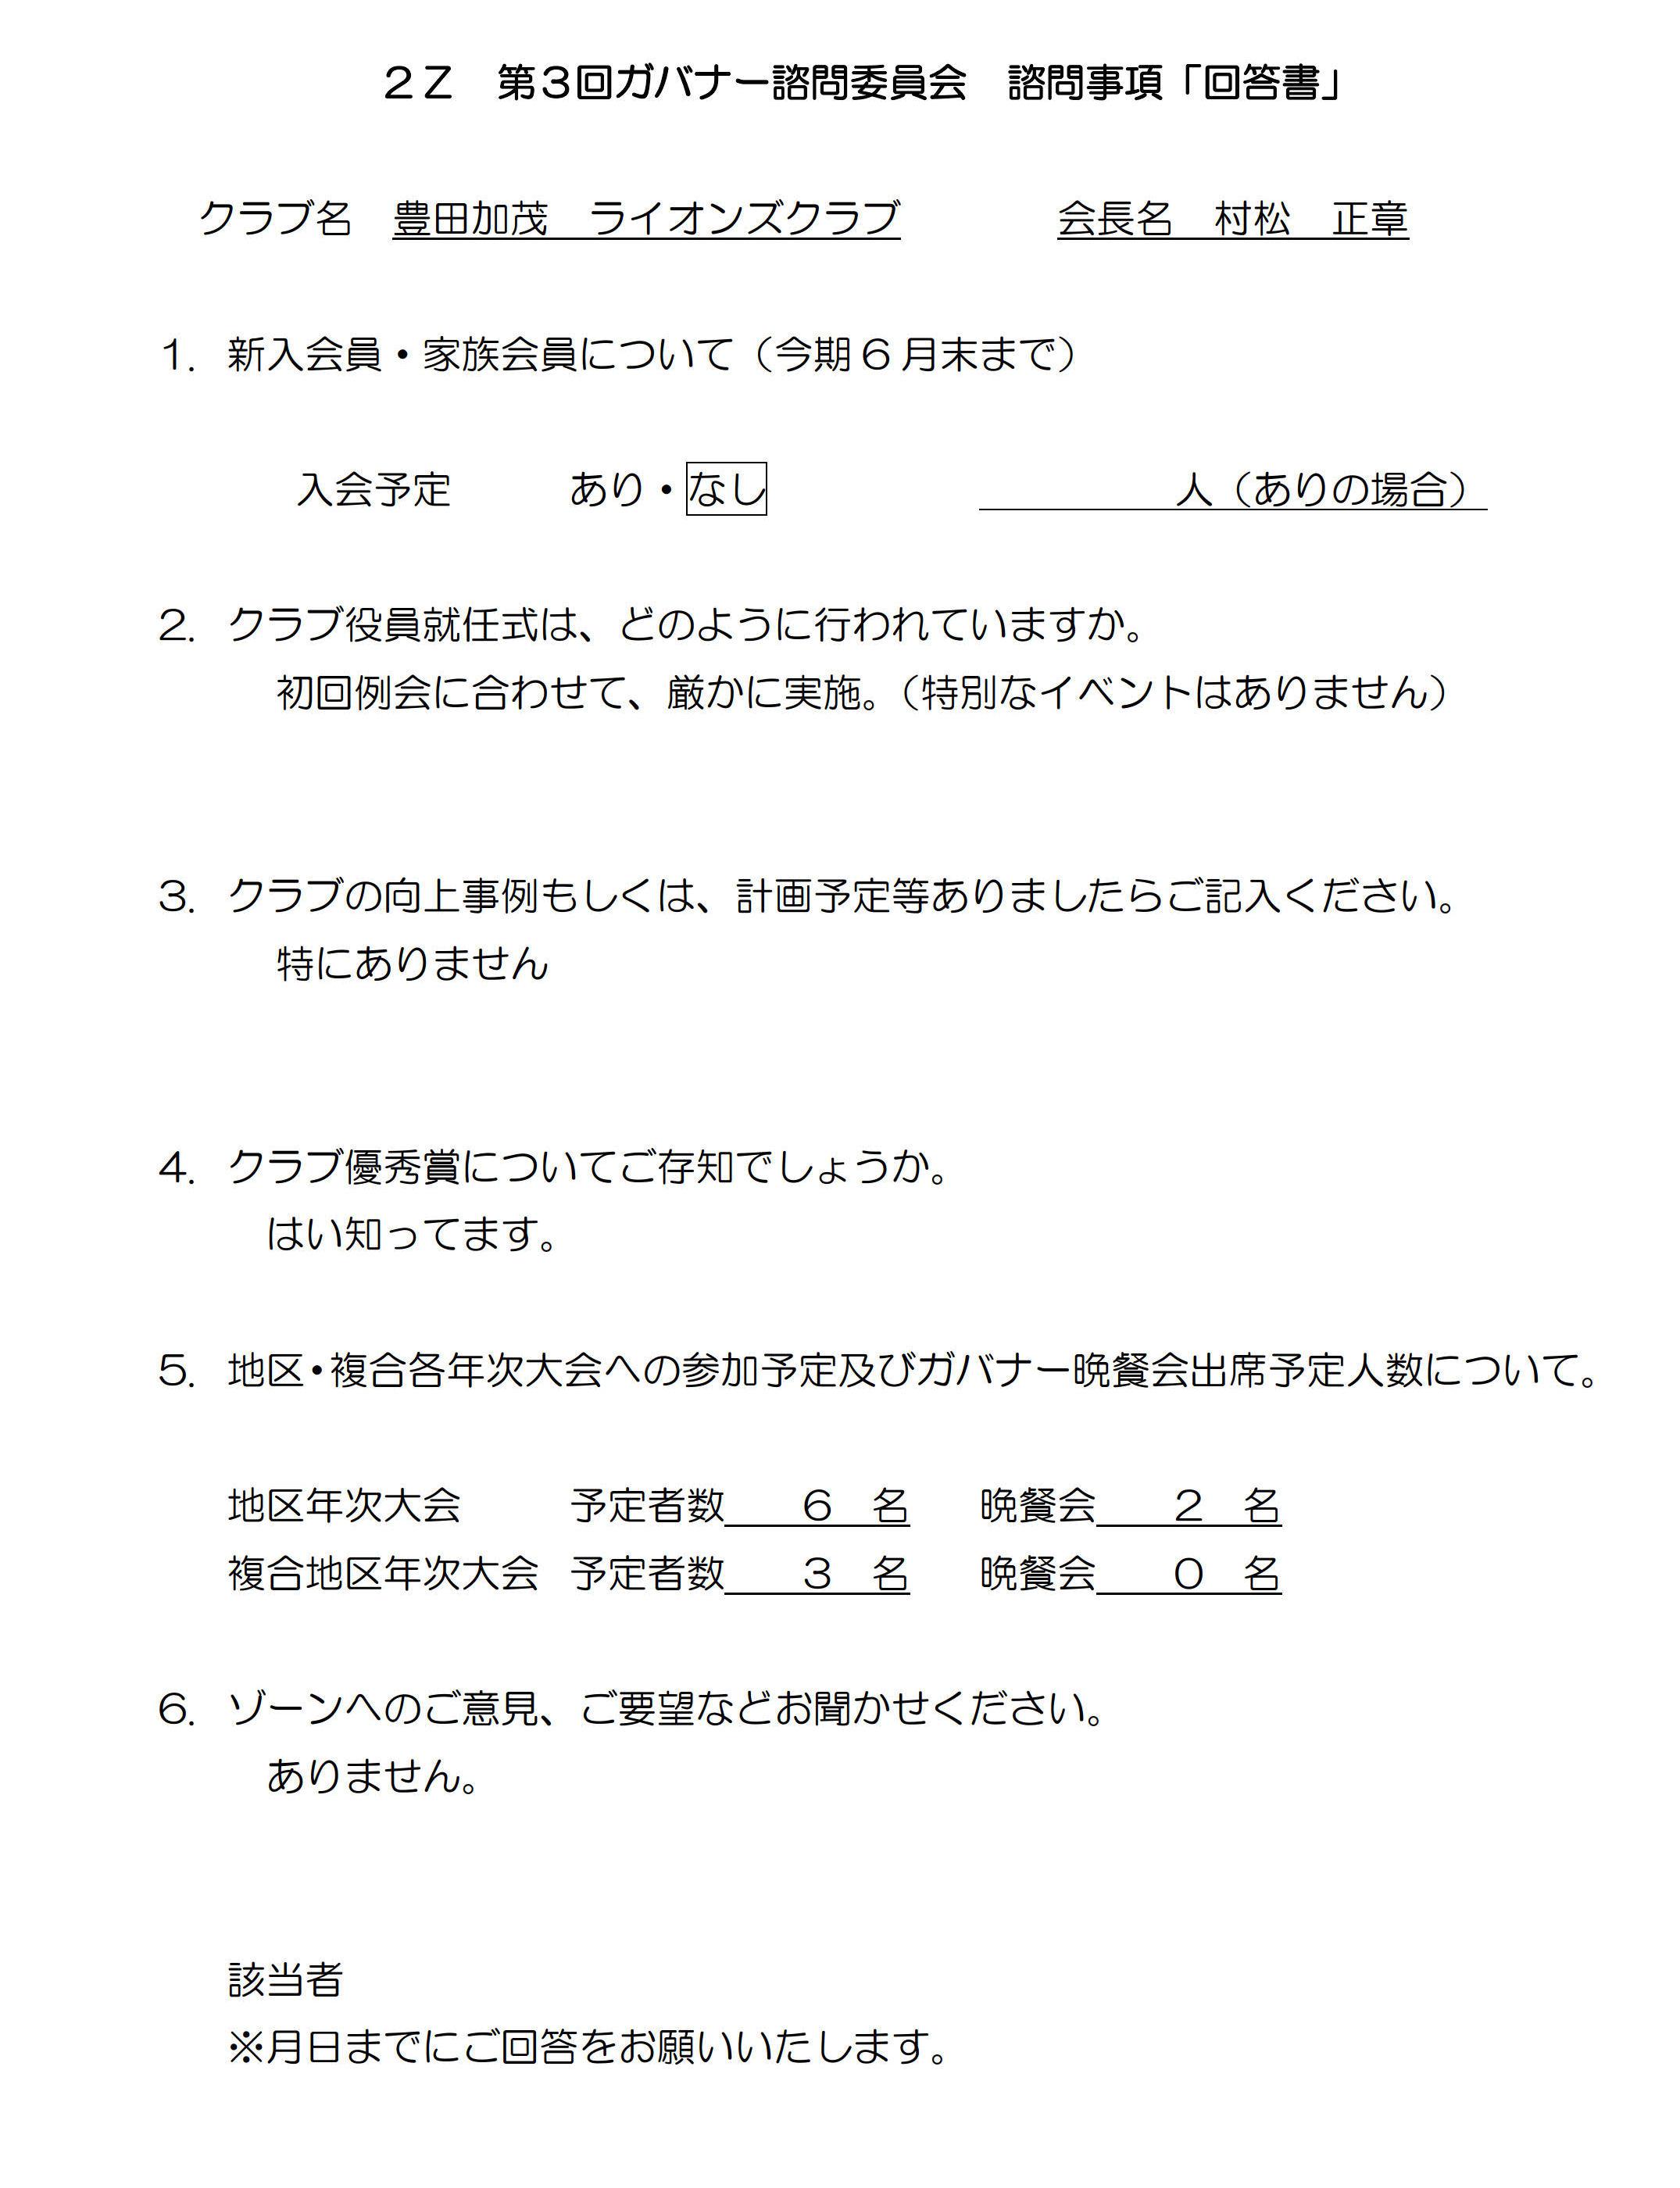 004,豊田加茂第3回ガバナー諮問委員会諮問事項(2019) (003)1